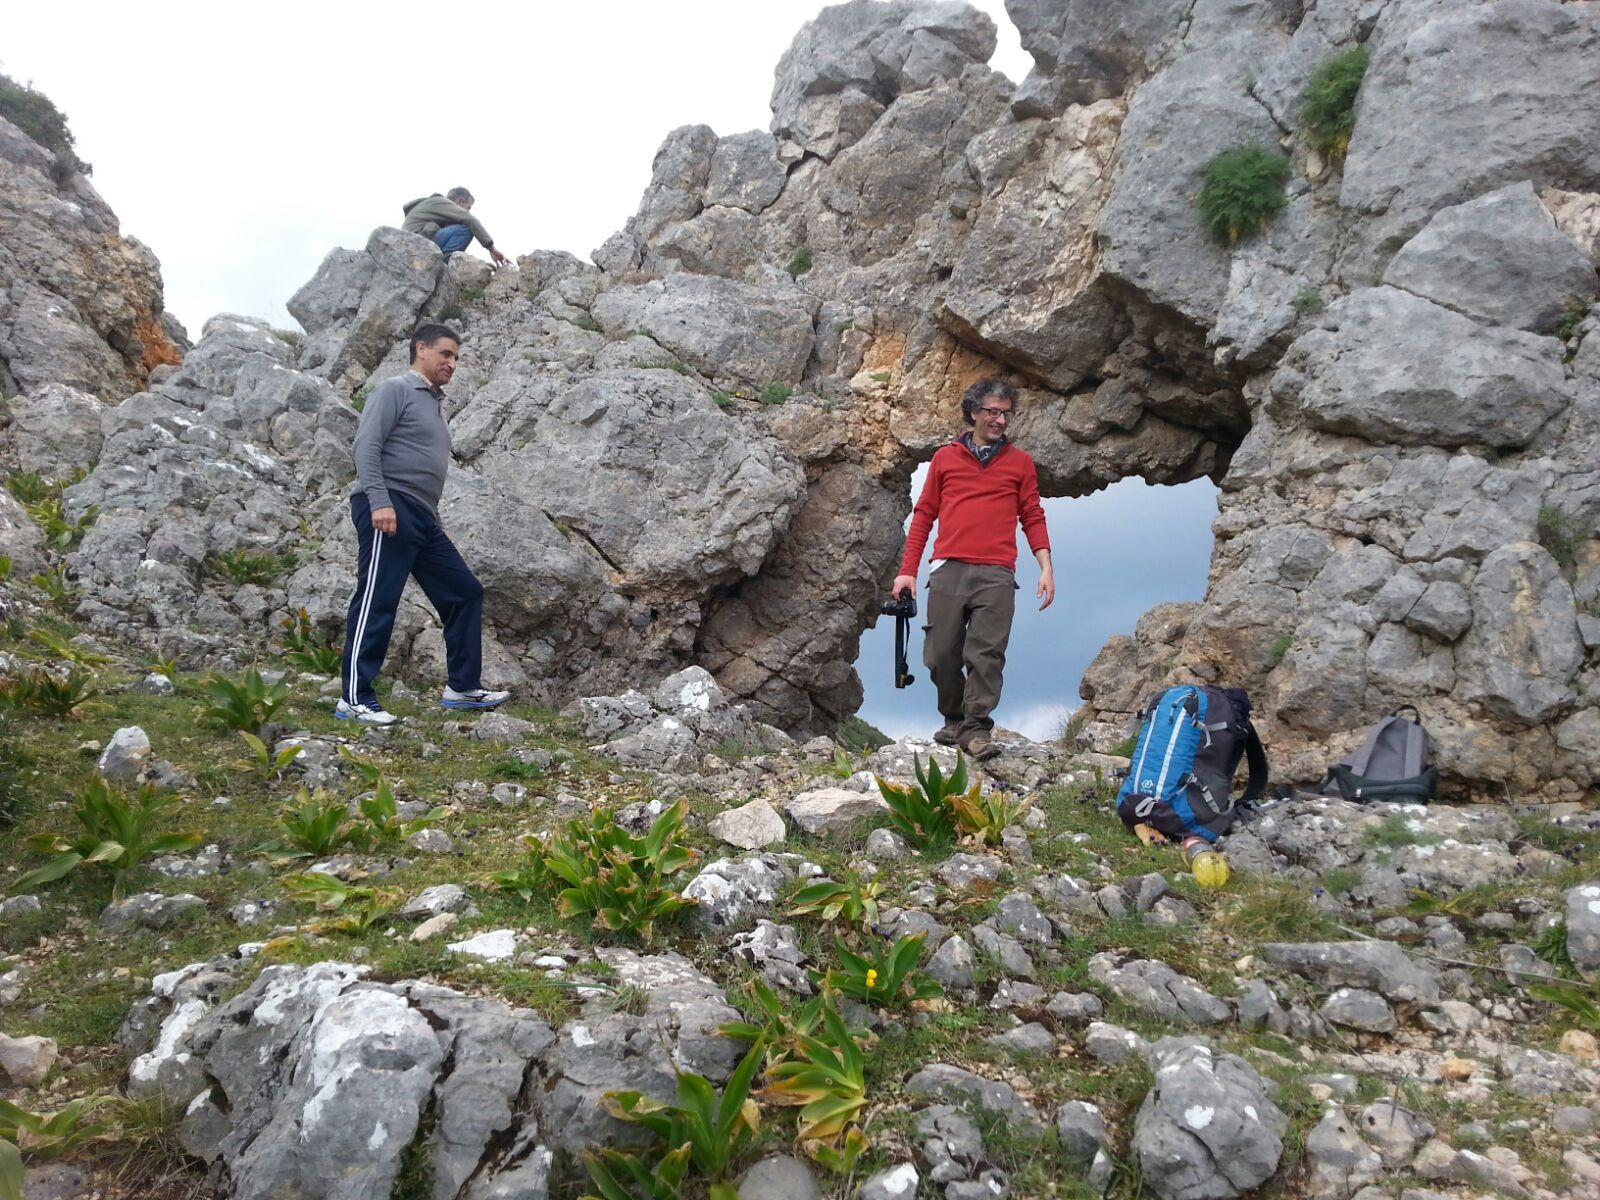 Case Provenzali (Placanica); Arco naturale di Timpa Perciata